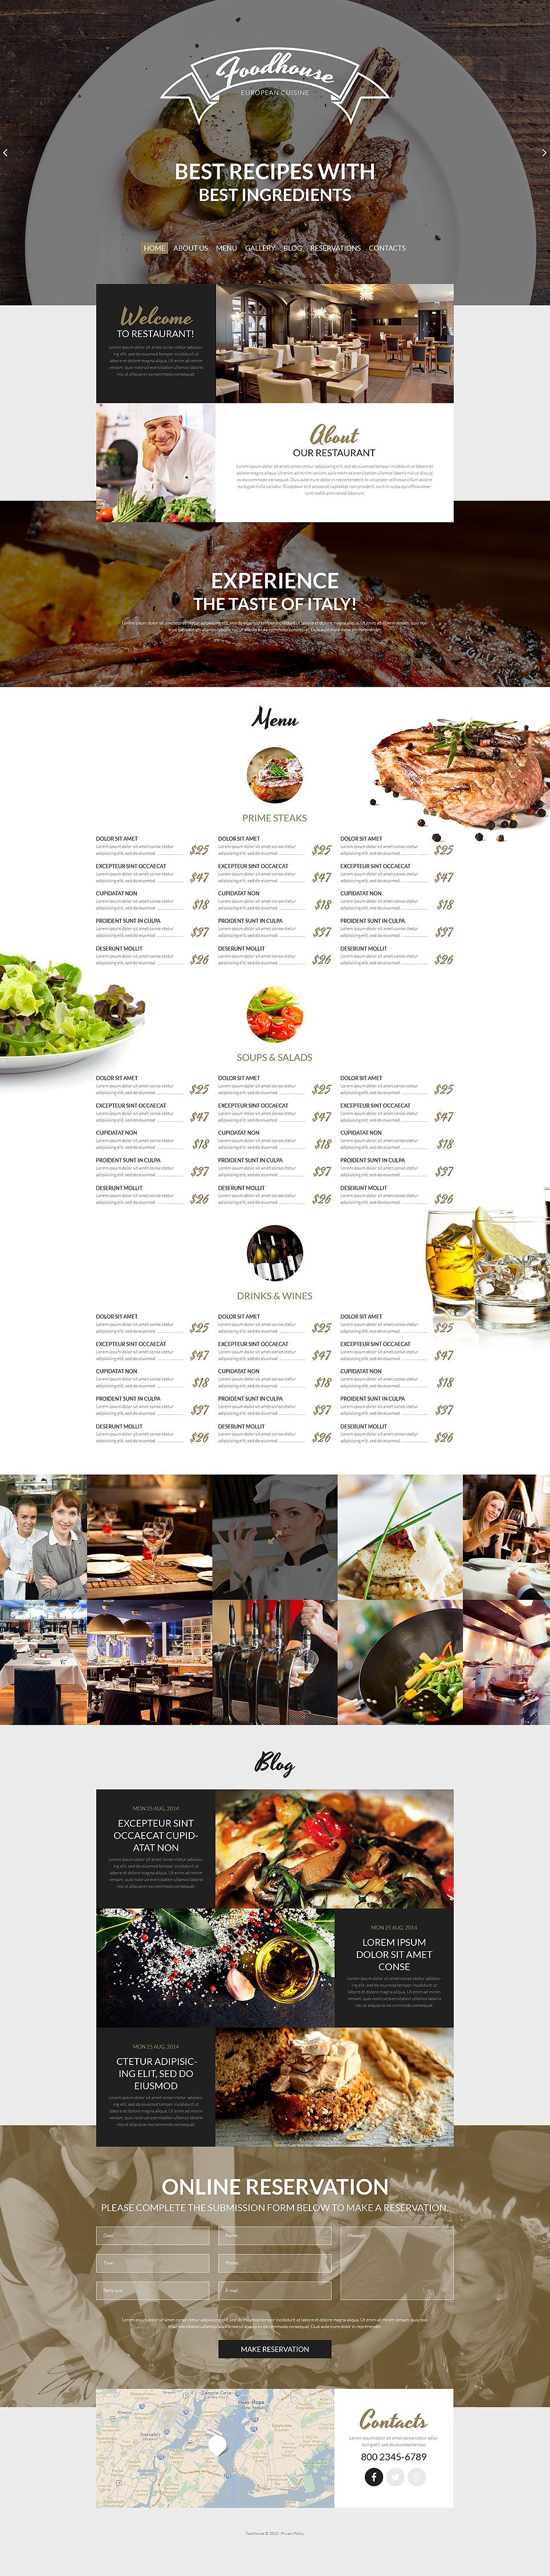 European Cuisine WordPress Theme Restaurant WordPress Template